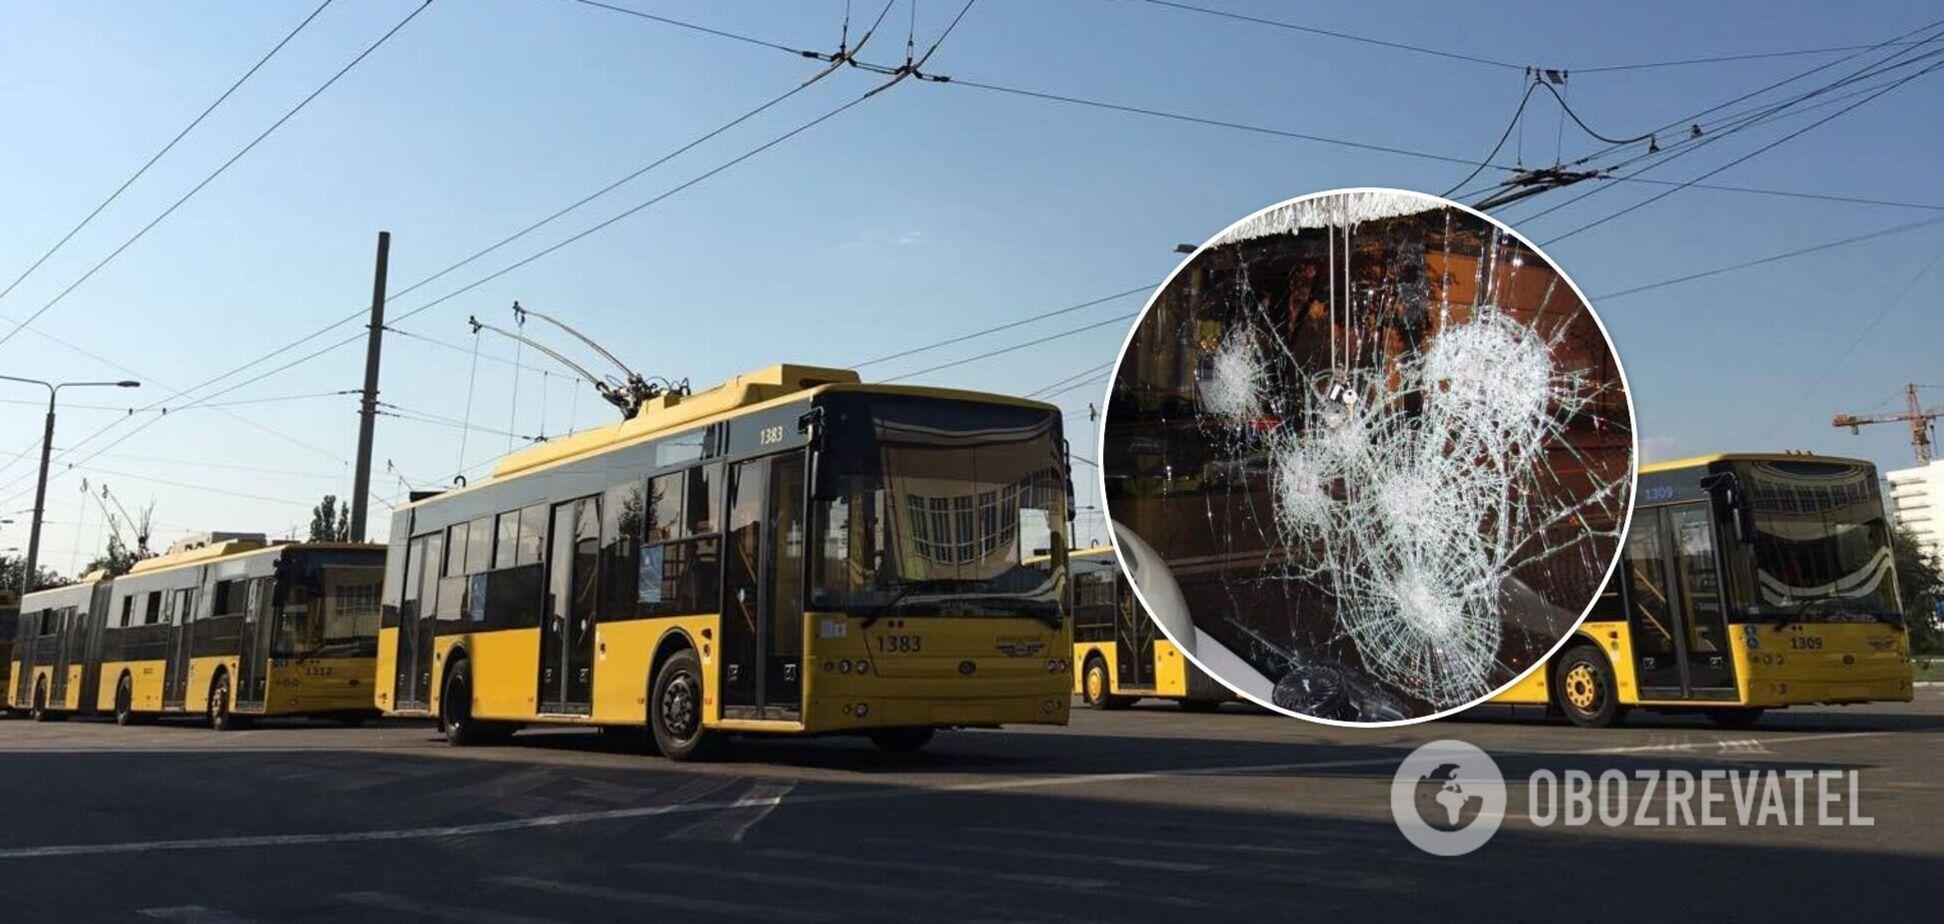 Инцидент произошел в Печерском районе